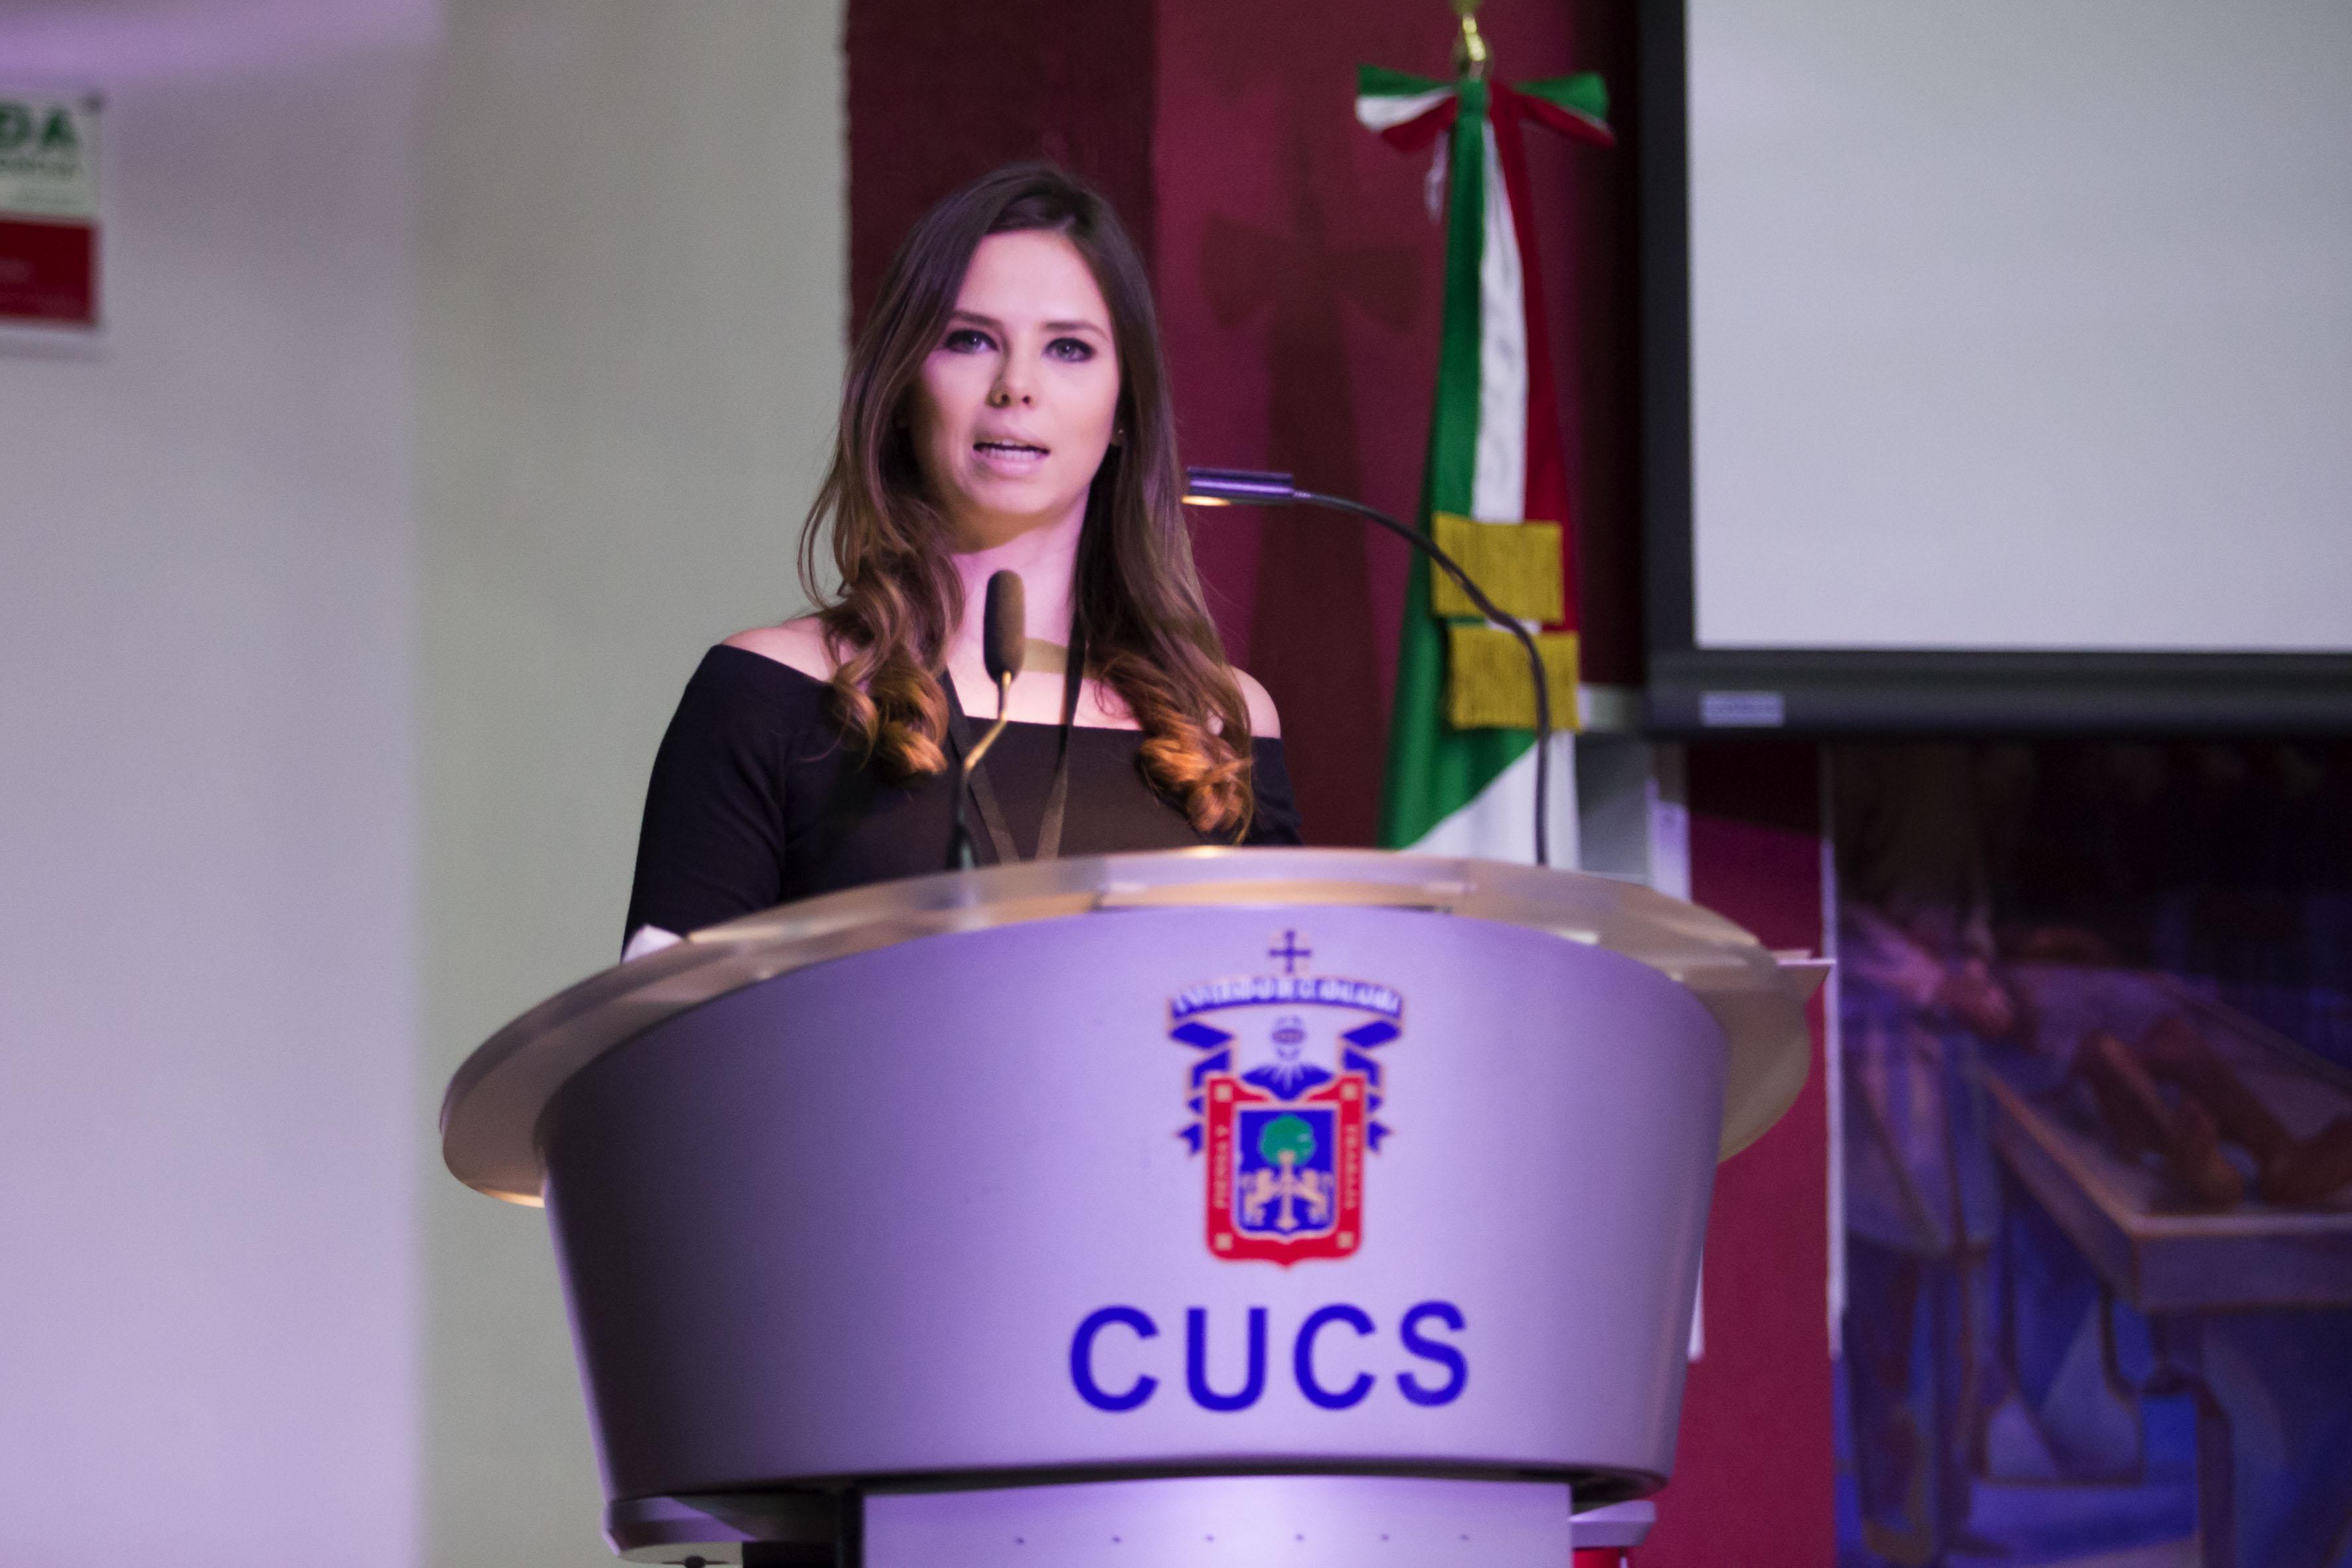 Directora general de la Organización para el Desarrollo de las Ciencias Aplicadas al Deporte del Coincide, maestra Janeth Castañeda González; haciendo uso de la palabra, en podium del evento.